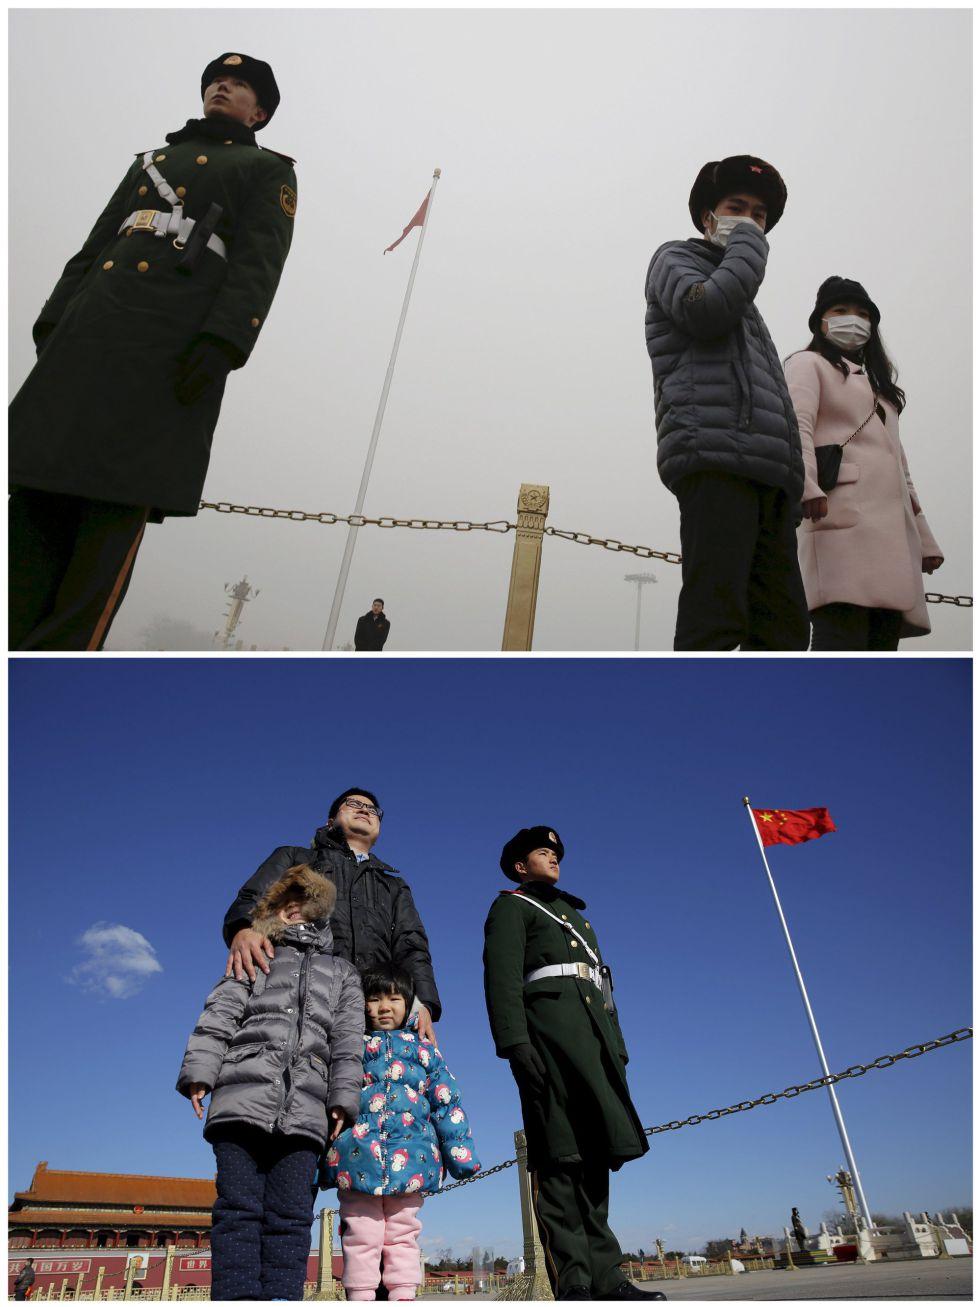 Parada militar en la plaza de Tiananmen bajo la contaminación y en un día soleado.